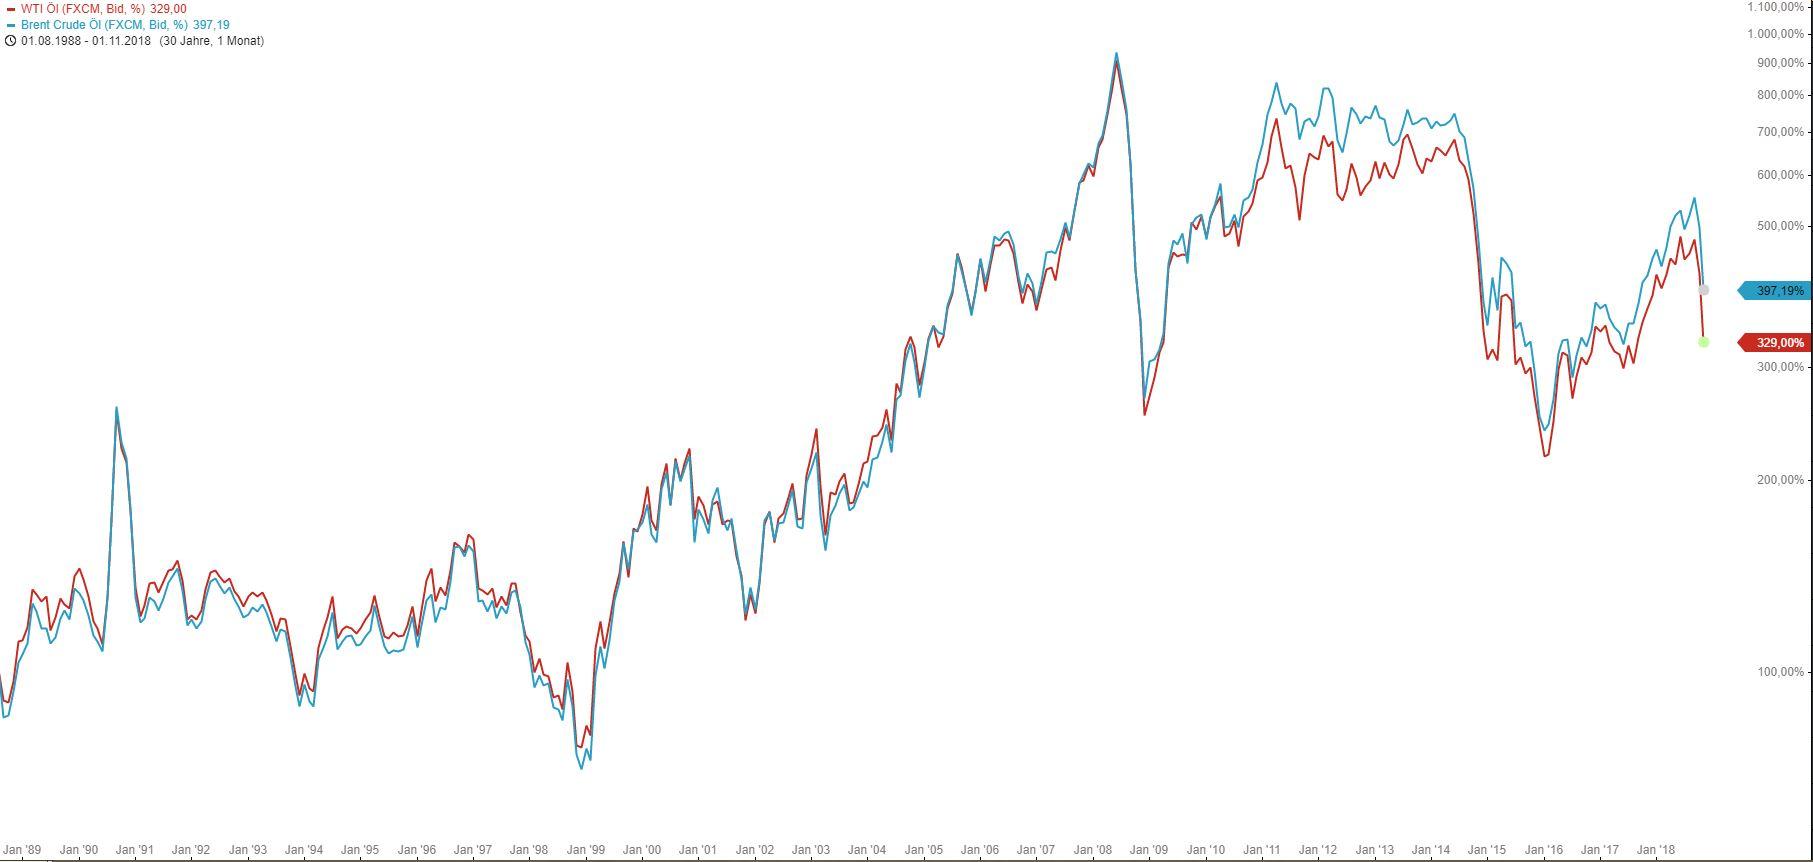 ÖL-Spread-Tradingidee-und-Scheinvorstellung-Chartanalyse-Armin-Hecktor-GodmodeTrader.de-1